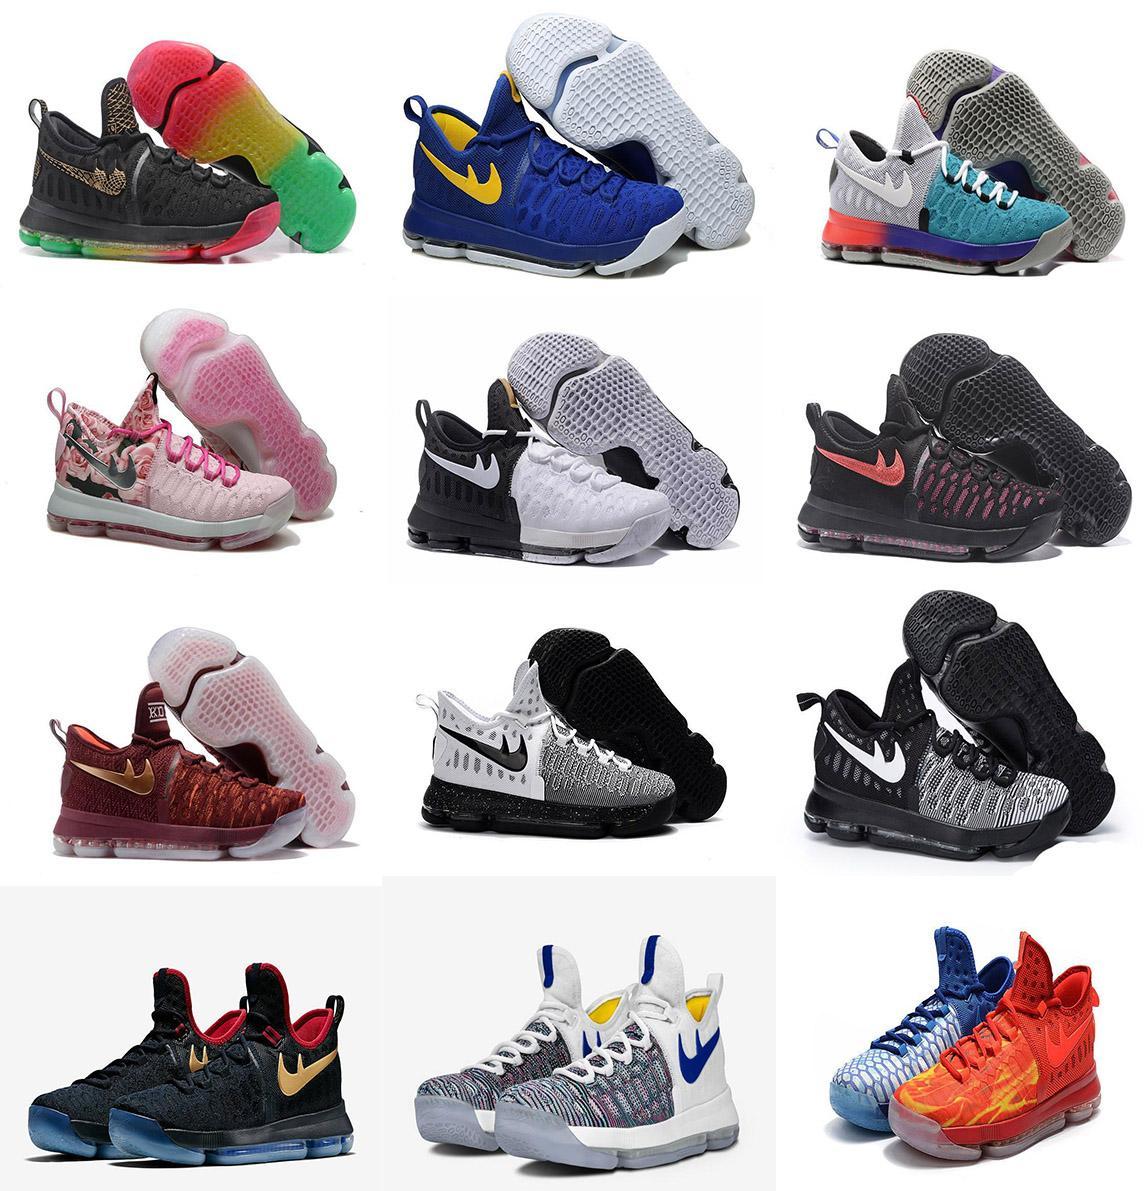 66da671be9d kd 9 aunt pearl flora pink black shoes for australia